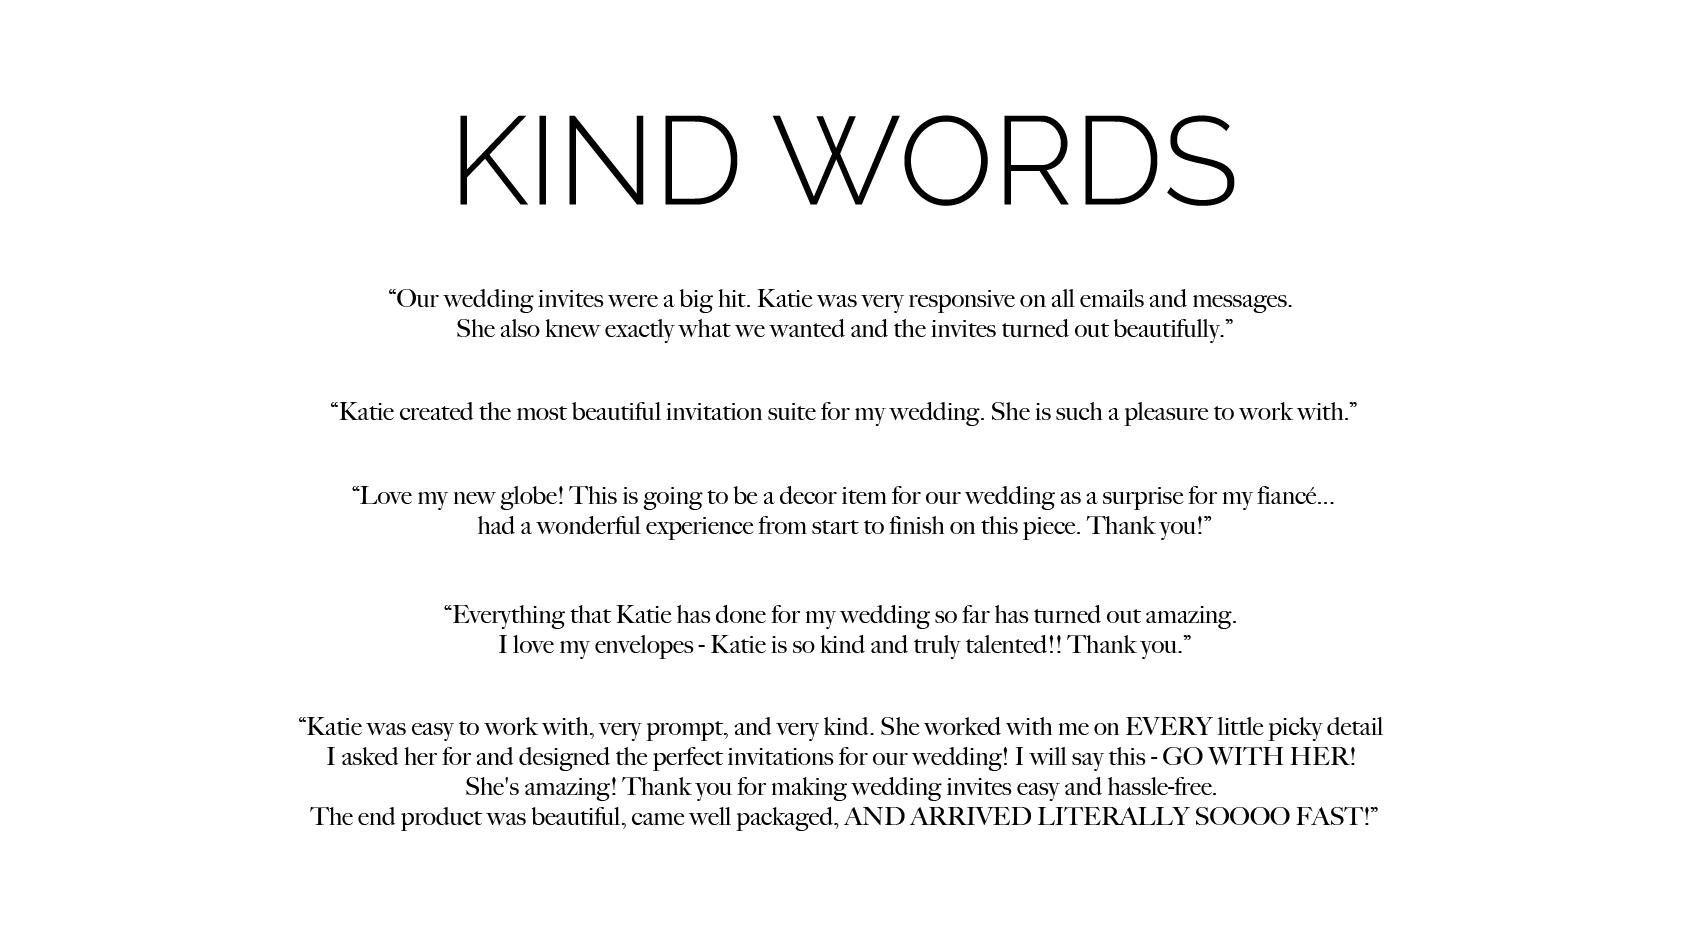 KindWords-01.png